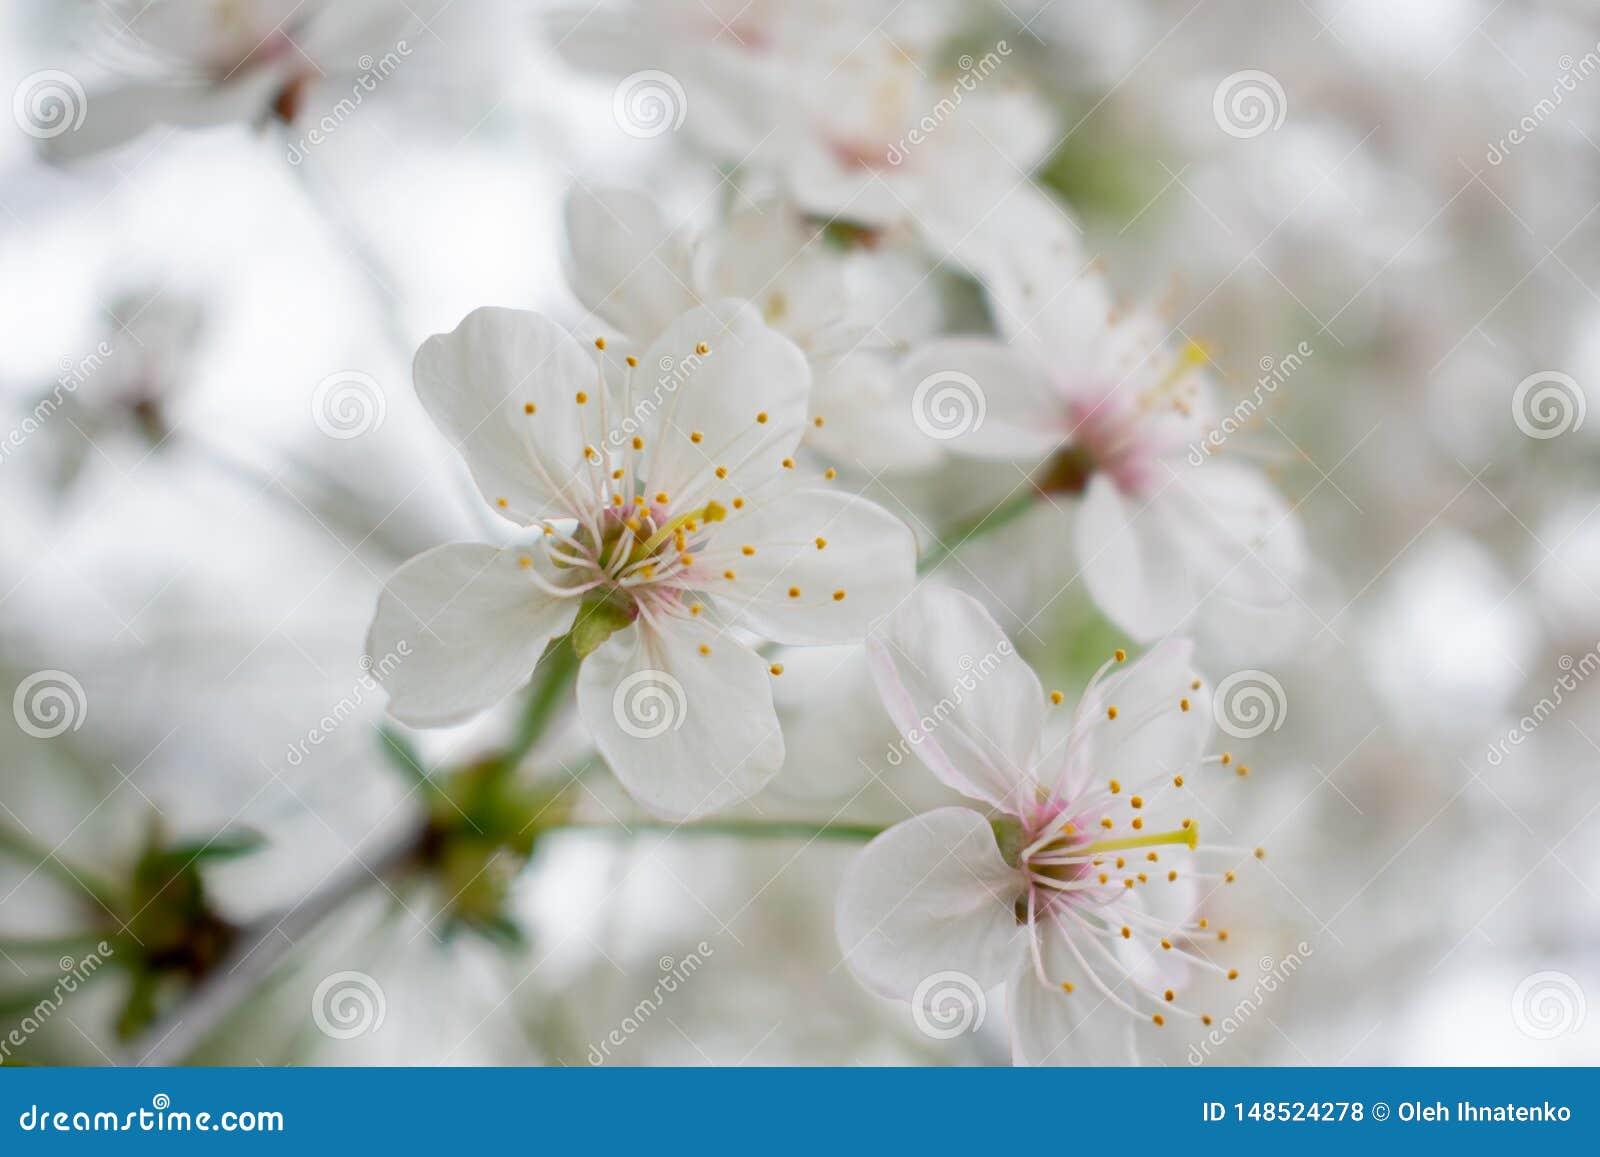 Kersenboom met bloemen 2